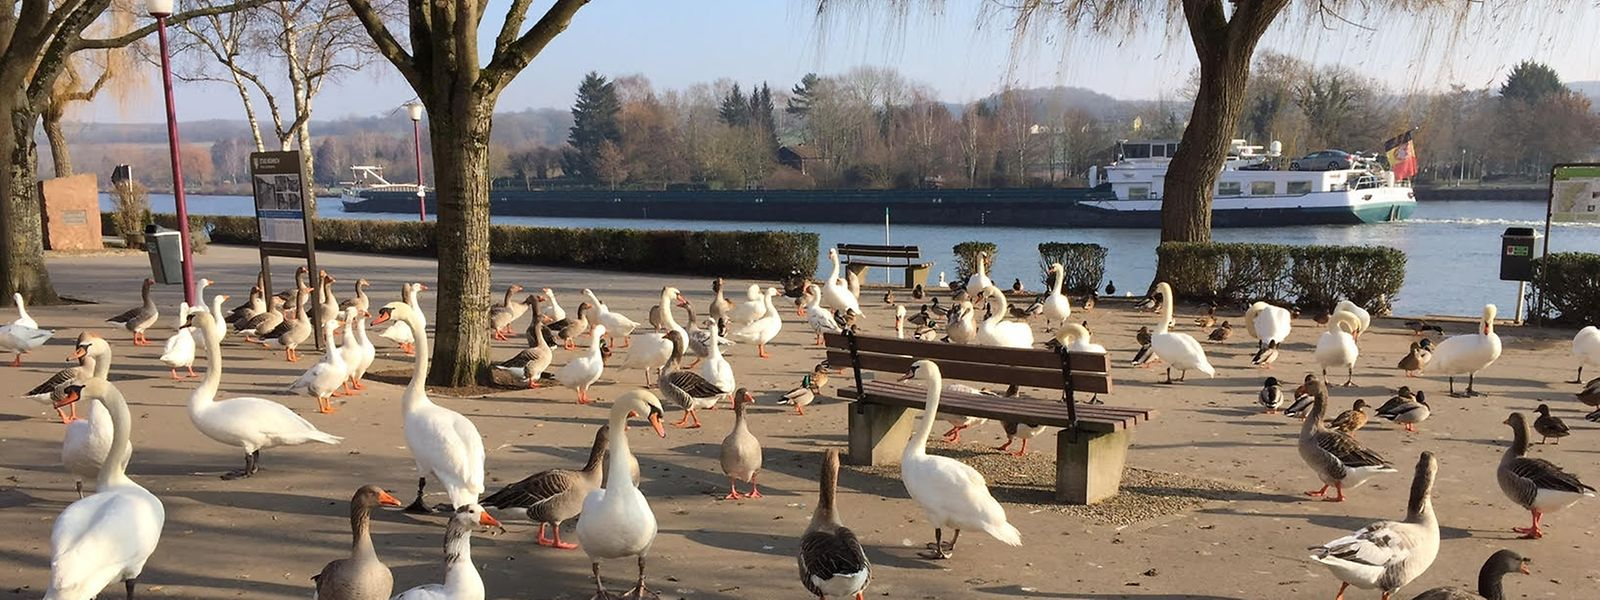 Nicht nur Menschen zieht es an die Esplanade: Auch Schwäne und Enten gehören zu den täglichen Besuchern am Moselufer.